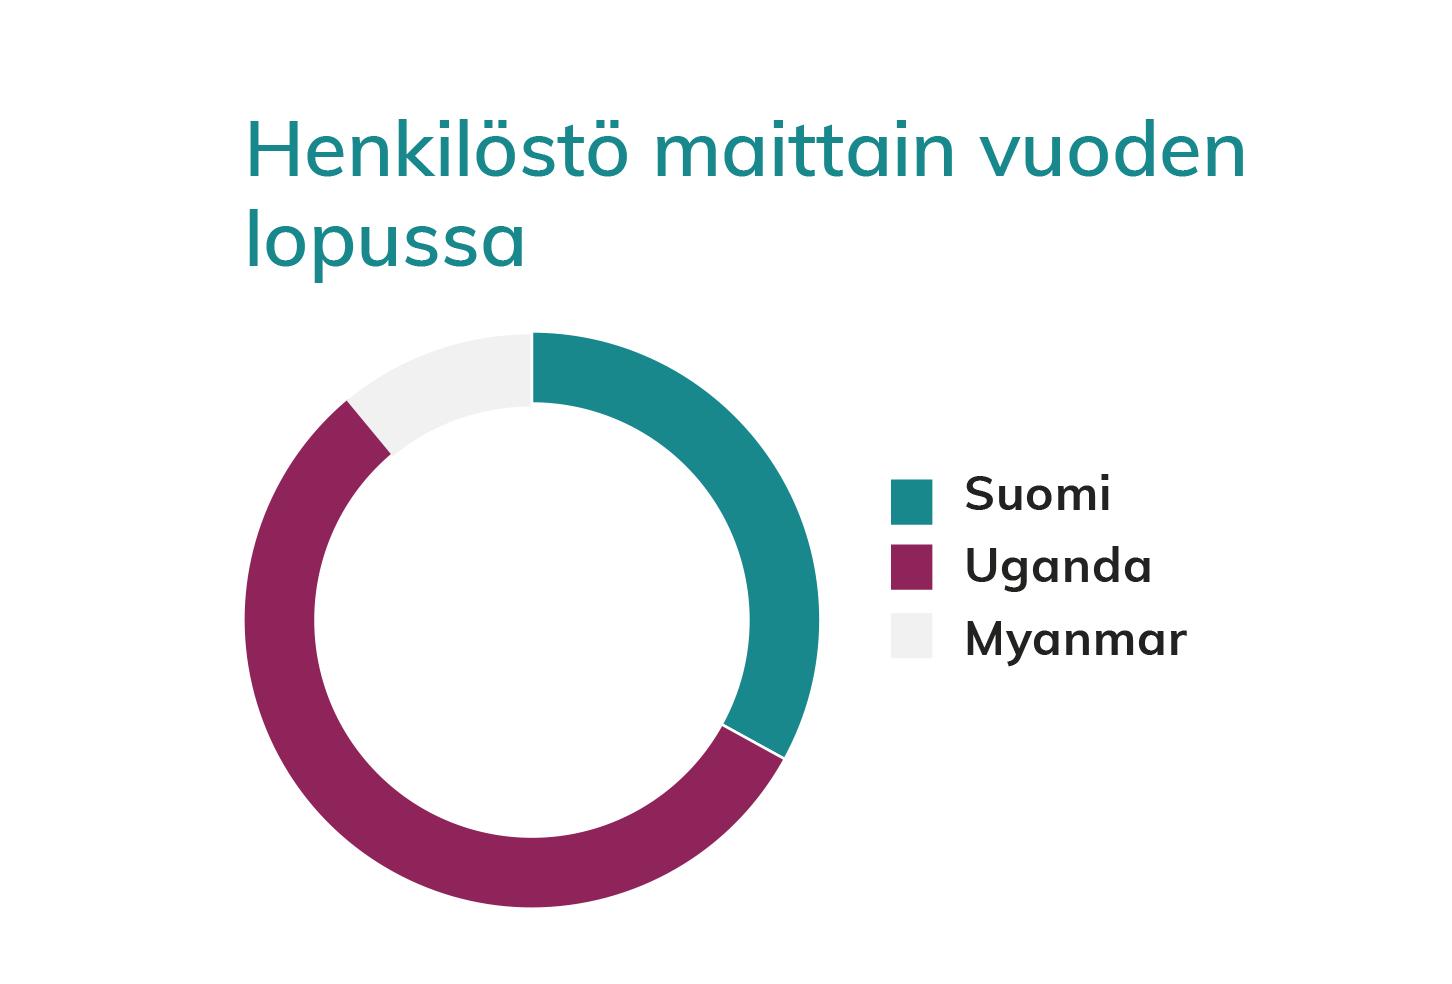 Graafi Pakolaisavun henkilöstön jakautumisesta maittain. Pakolaisavulla on henkilöstöä Suomessa, Ugandassa ja Myanmarissa.